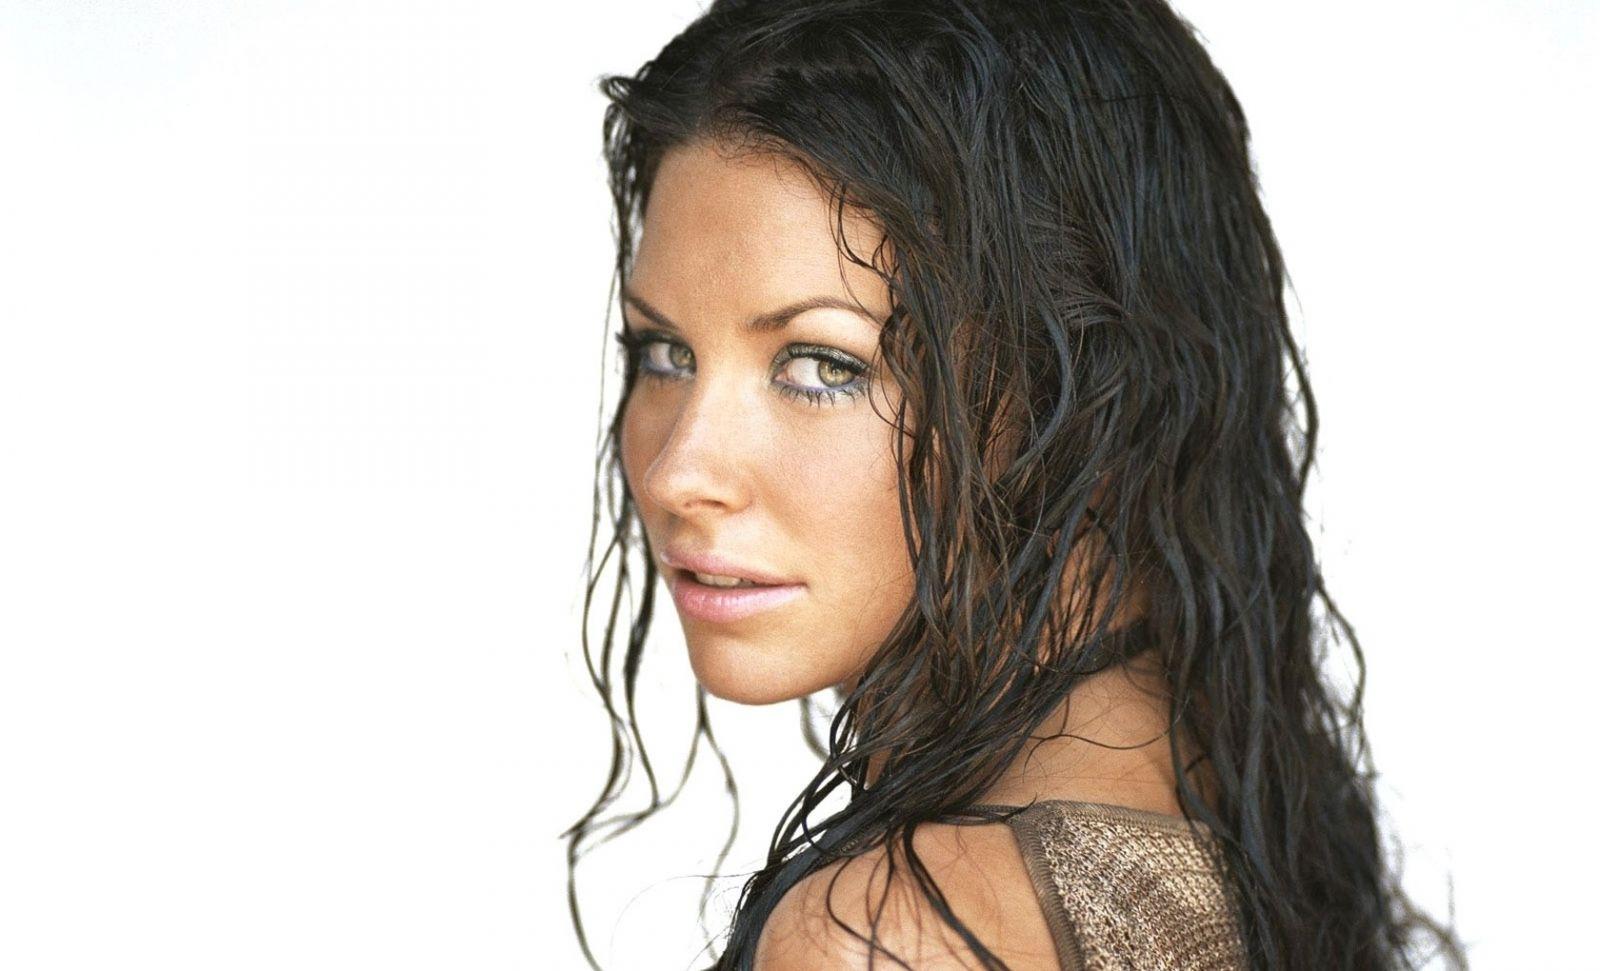 прическа с эффектом мокрых волос